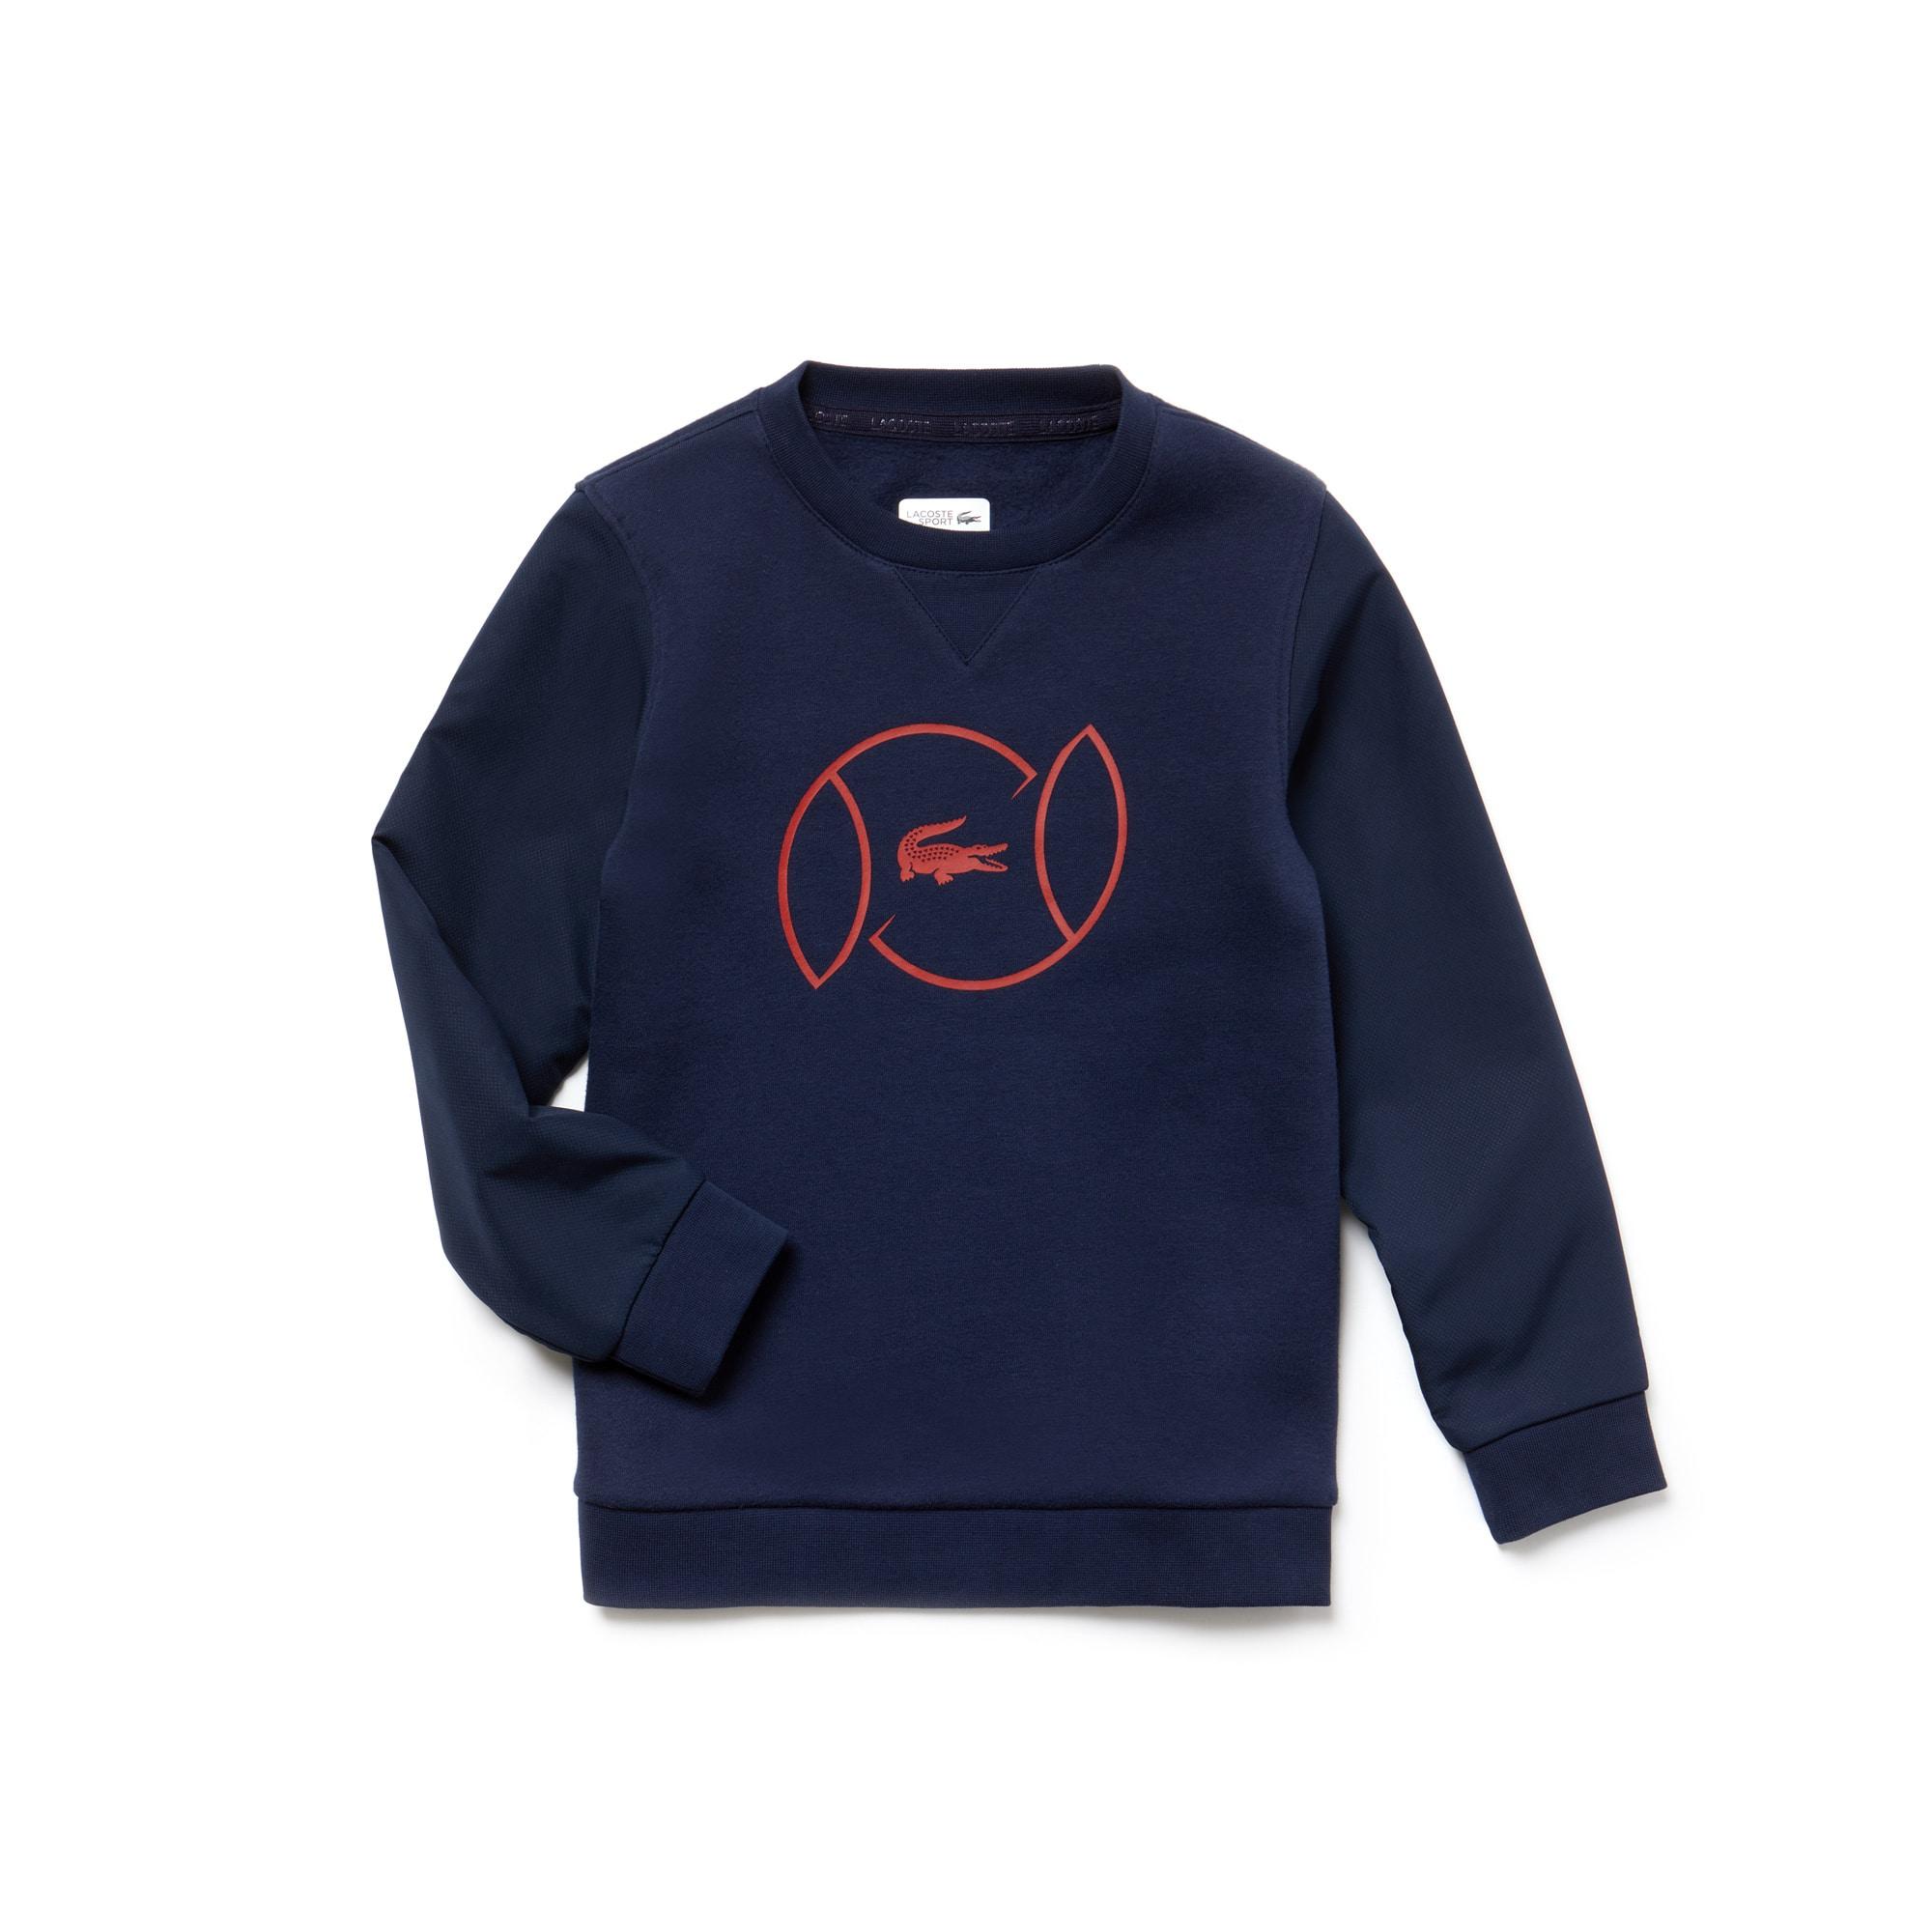 Boys' Lacoste SPORT Fleece And Lettering Tennis Sweatshirt